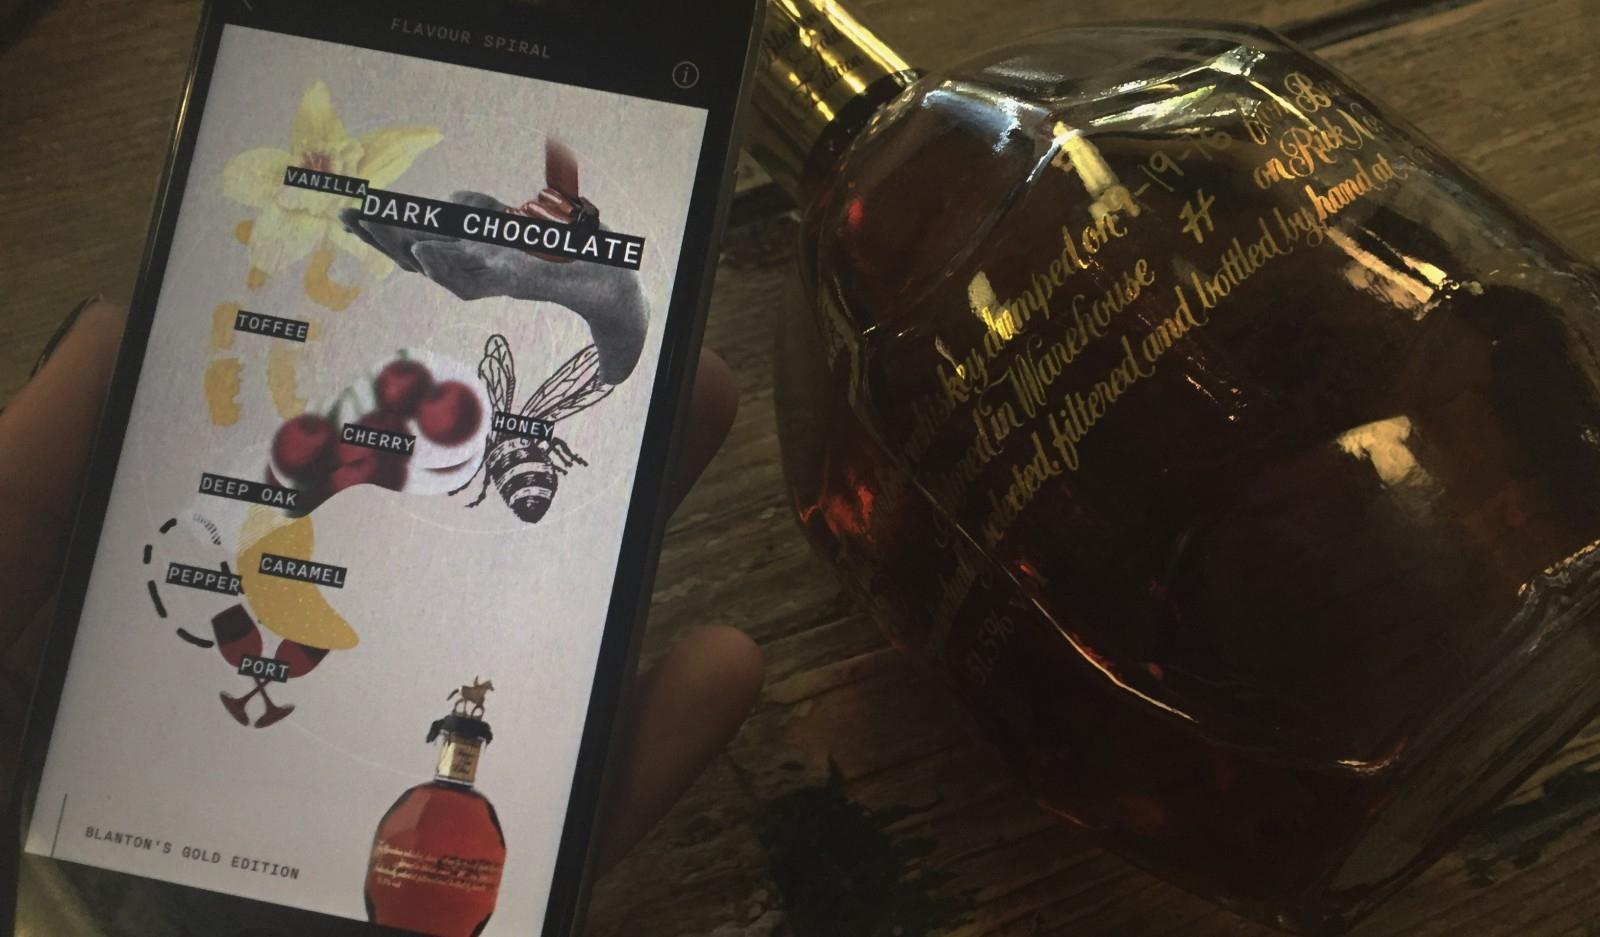 Blanton's Gold Edition Flavor Spiral